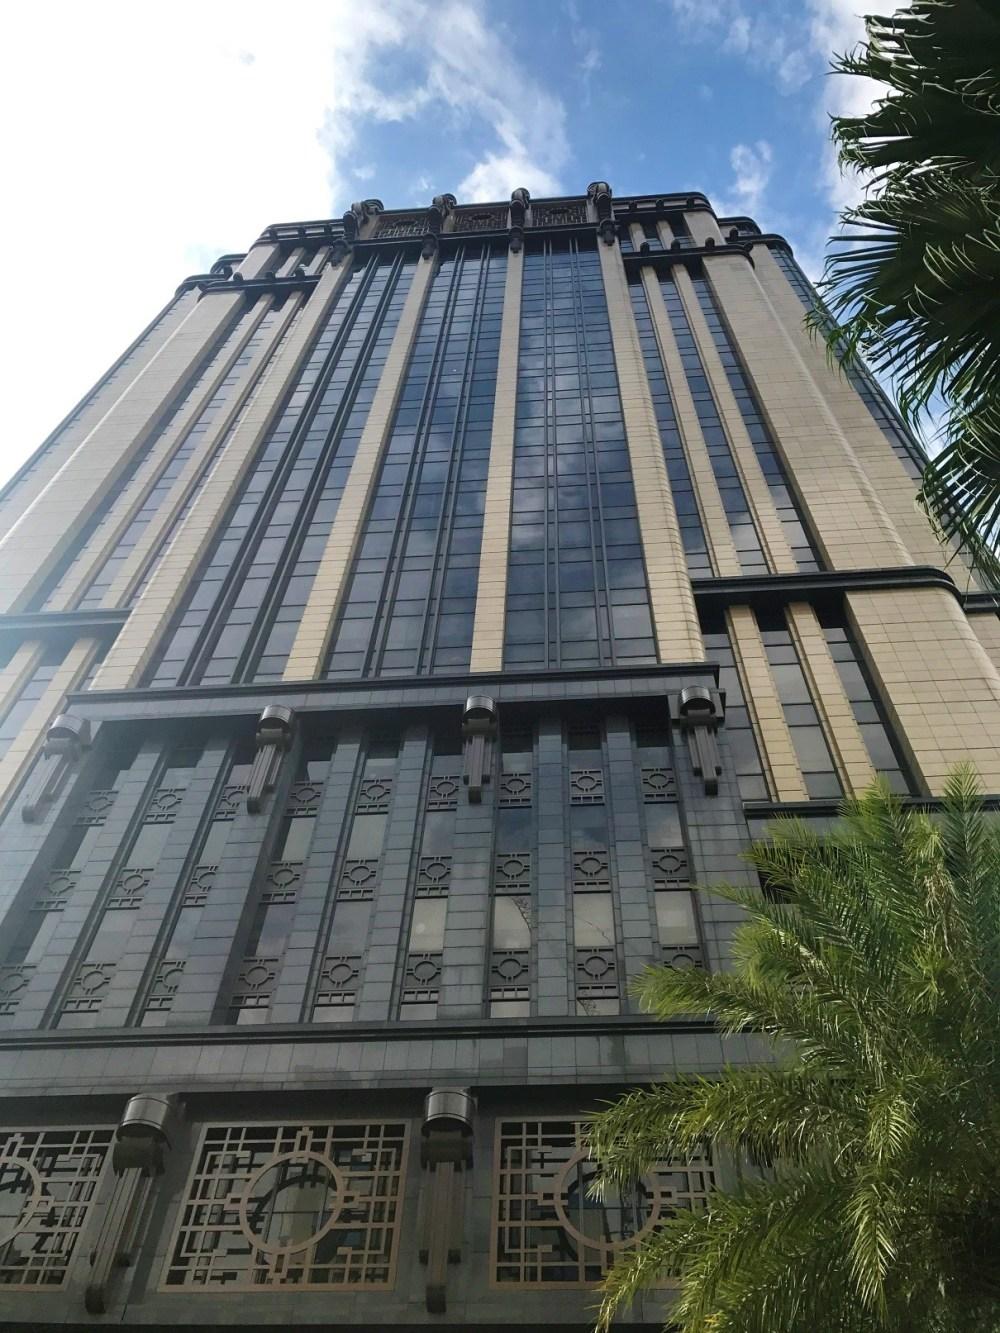 Park View Square Batman Building